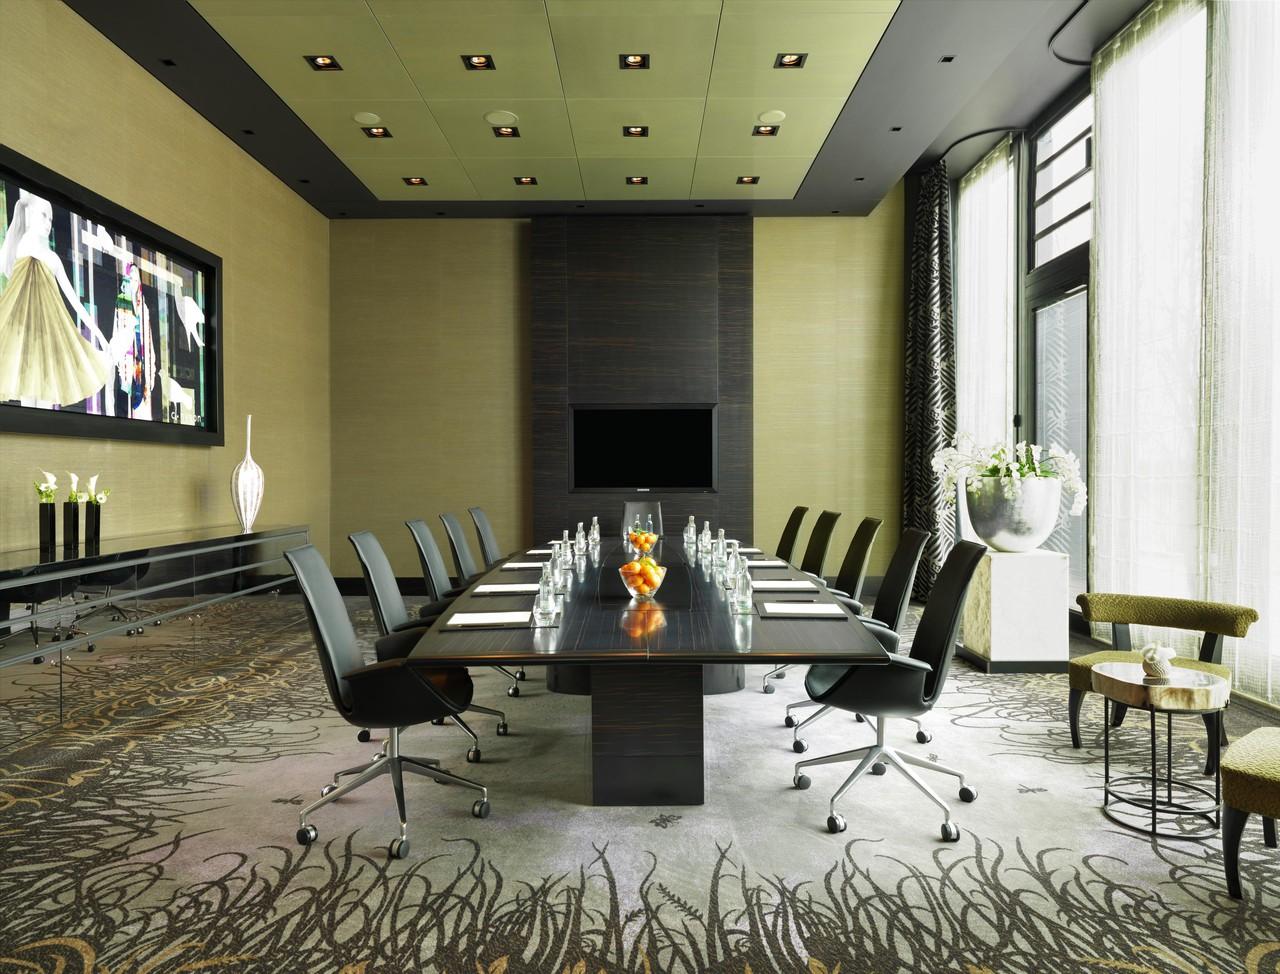 Düsseldorf   Executive Boardroom image 1